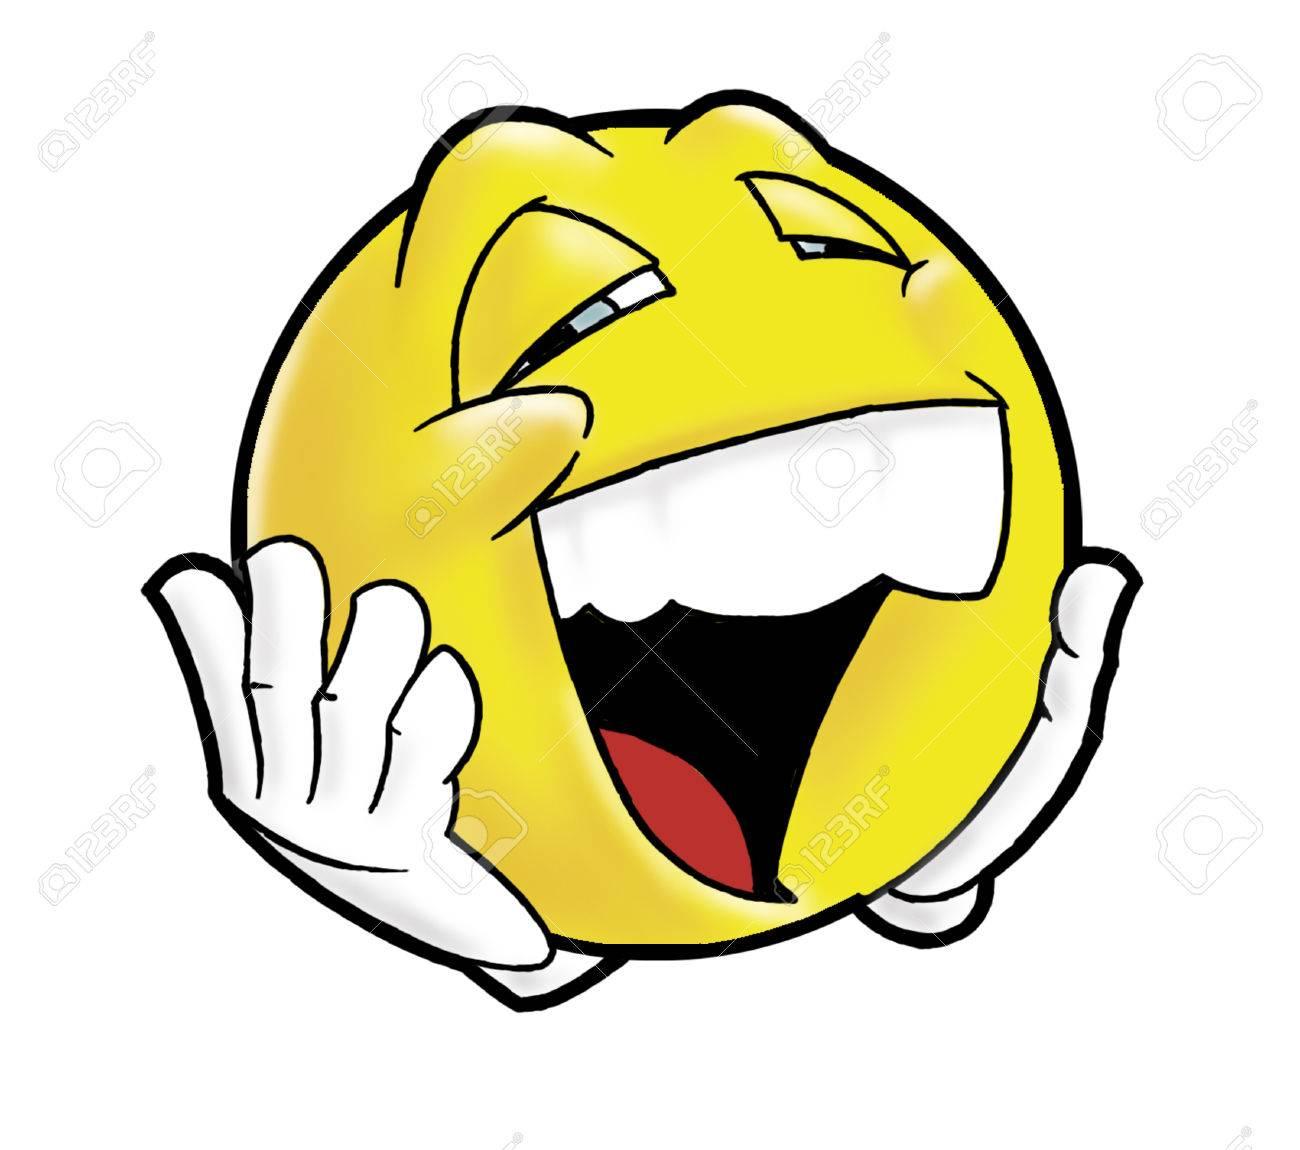 笑う顔文字 の写真素材 画像素材 Image